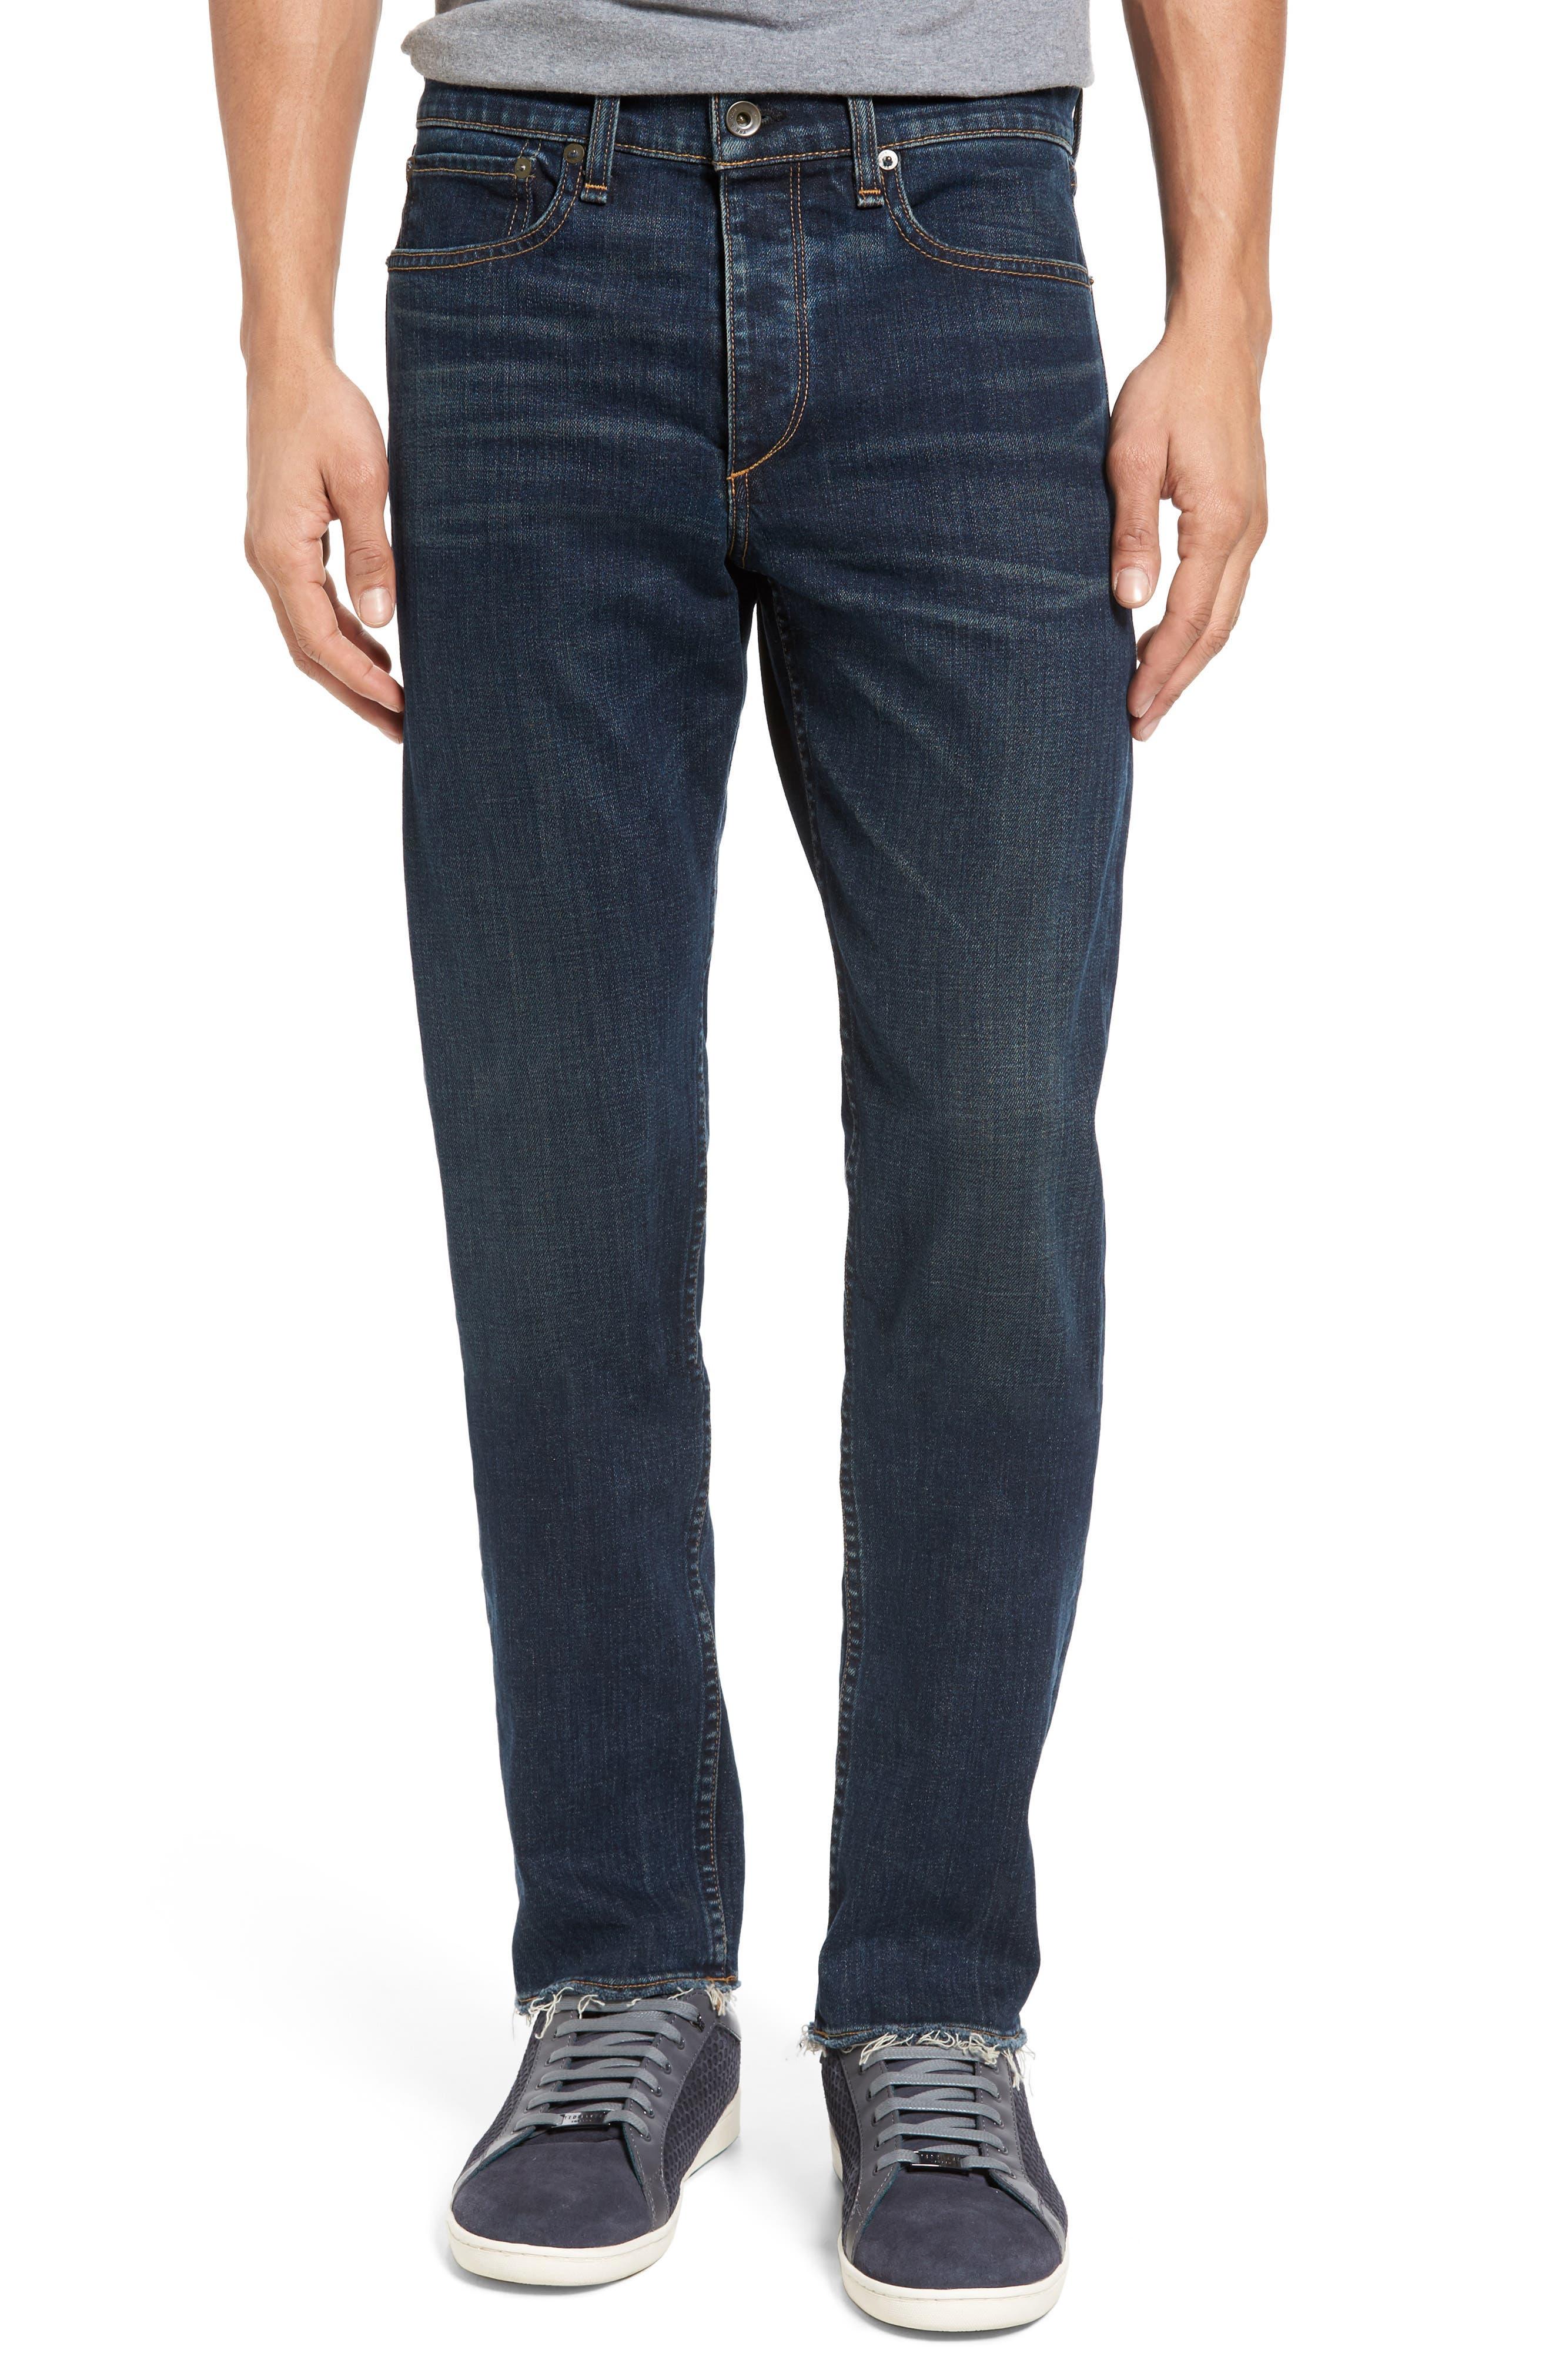 Fit 2 Slim Fit Jeans,                         Main,                         color,